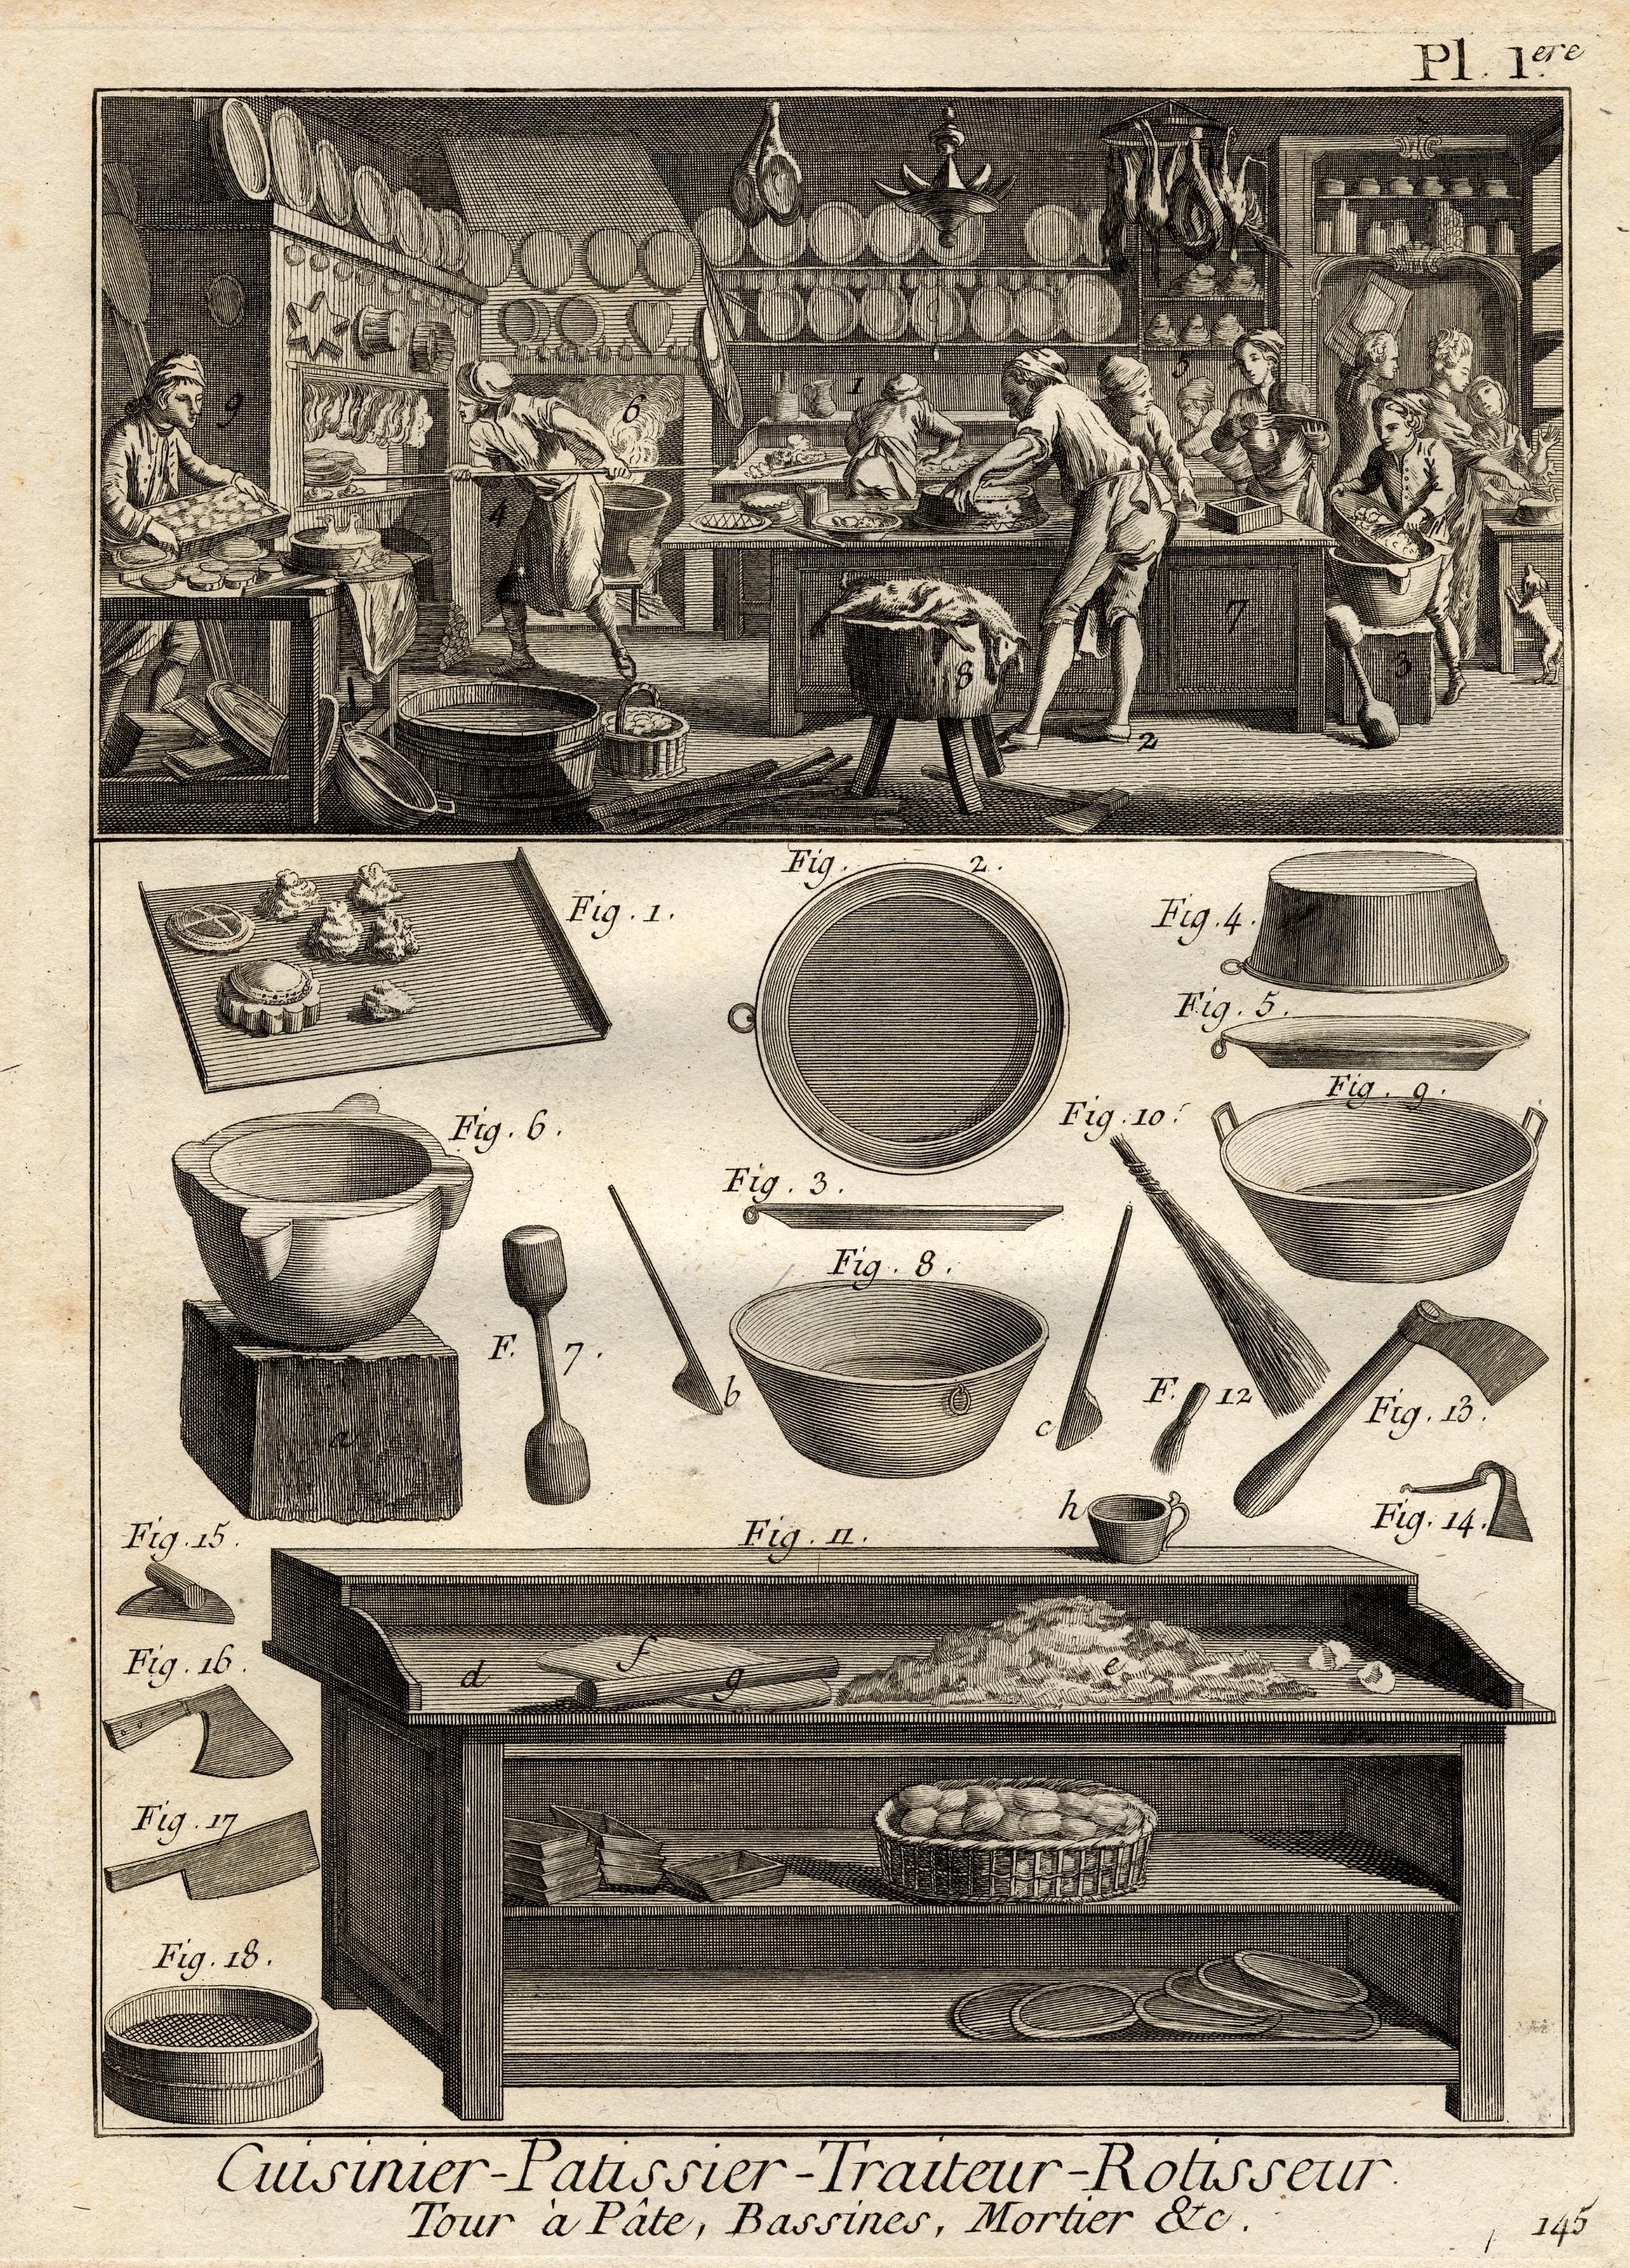 Contenu du [Cuisinier – Patissier – Traiteur – Rotisseur]